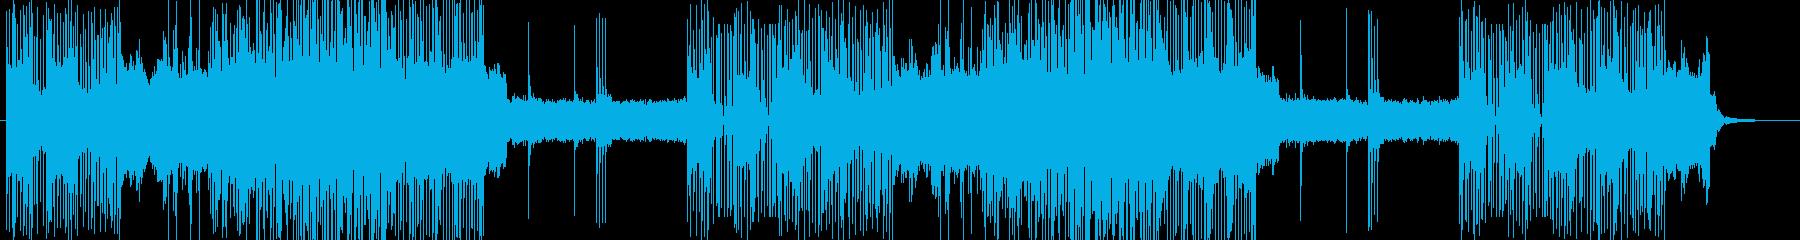 「HR/HM」「DEATH」BGM302の再生済みの波形